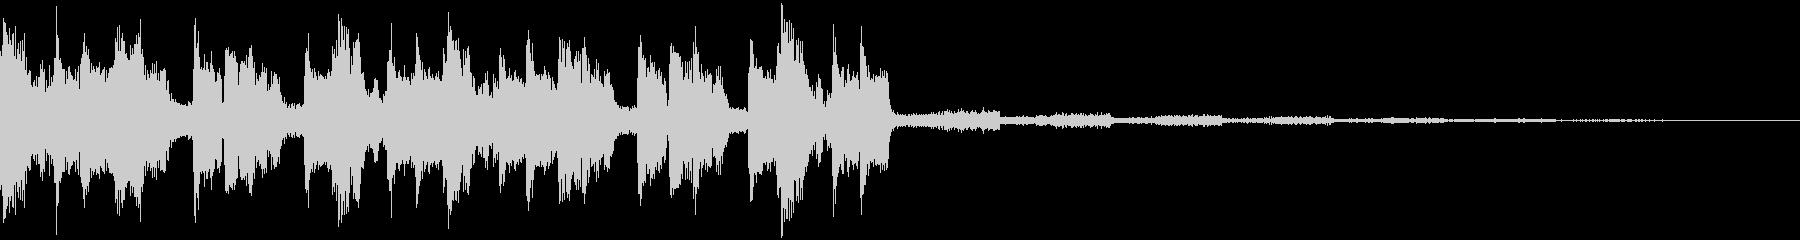 エネルギッシュアグレッシブEDMジングルの未再生の波形